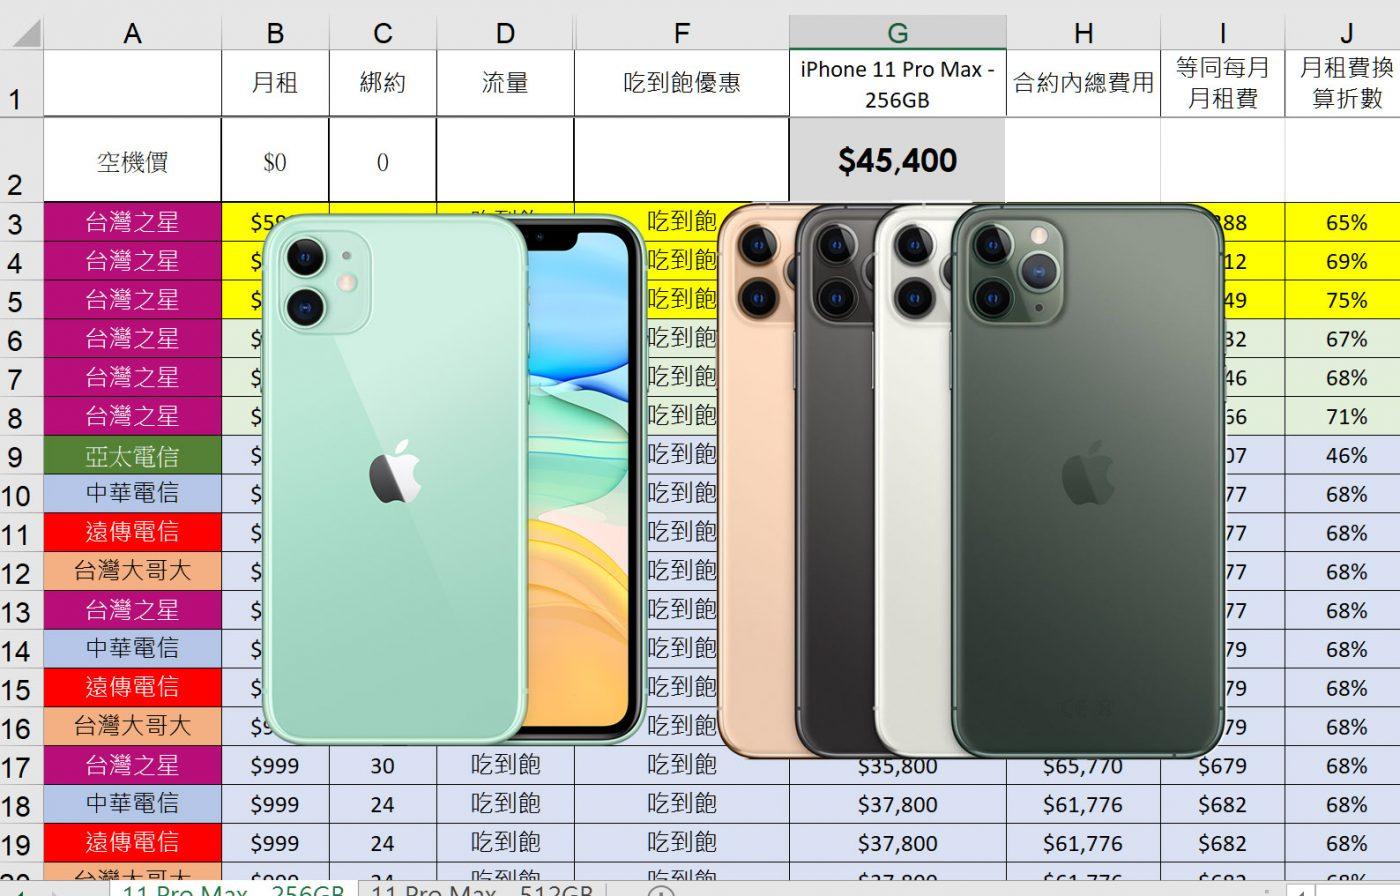 綁約還是空機買蘋果 iPhone 11 / 11 Pro / 11 Pro Msx? 電信資費全彙整 (中華/遠傳/台哥大/亞太/台灣之星) 電信資費試算分析! @3C 達人廖阿輝